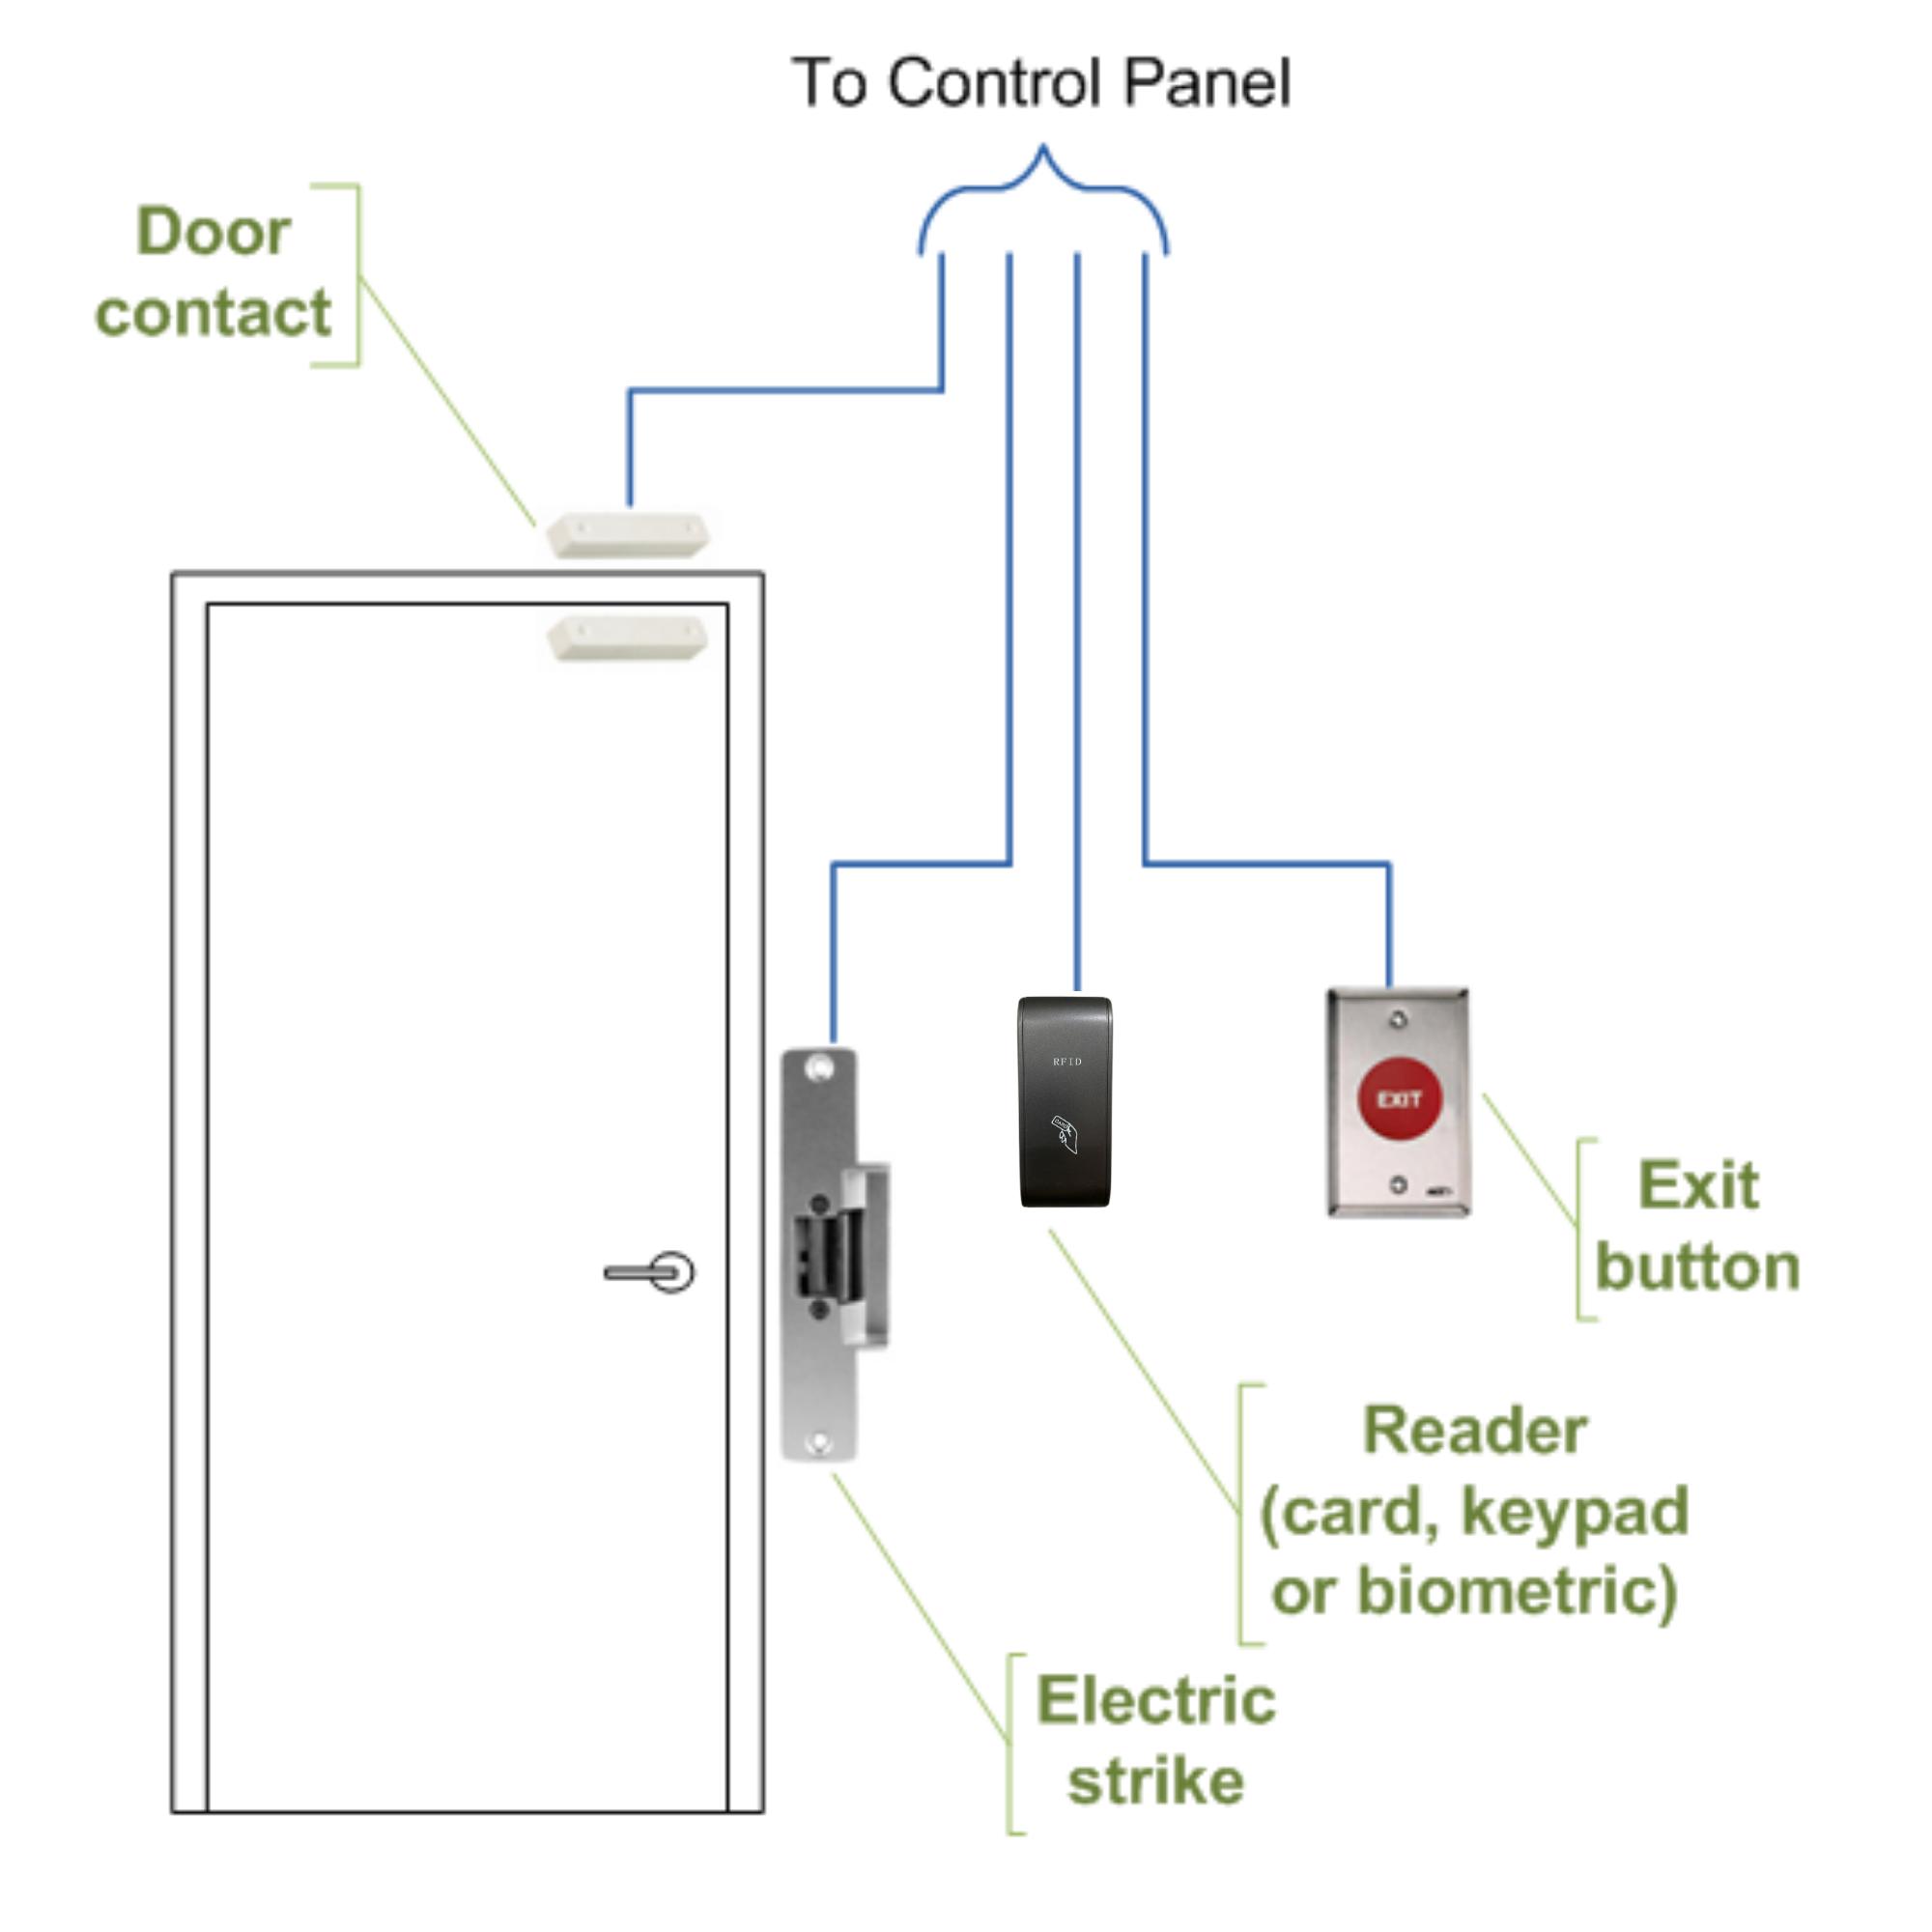 Anti-Clone access control system